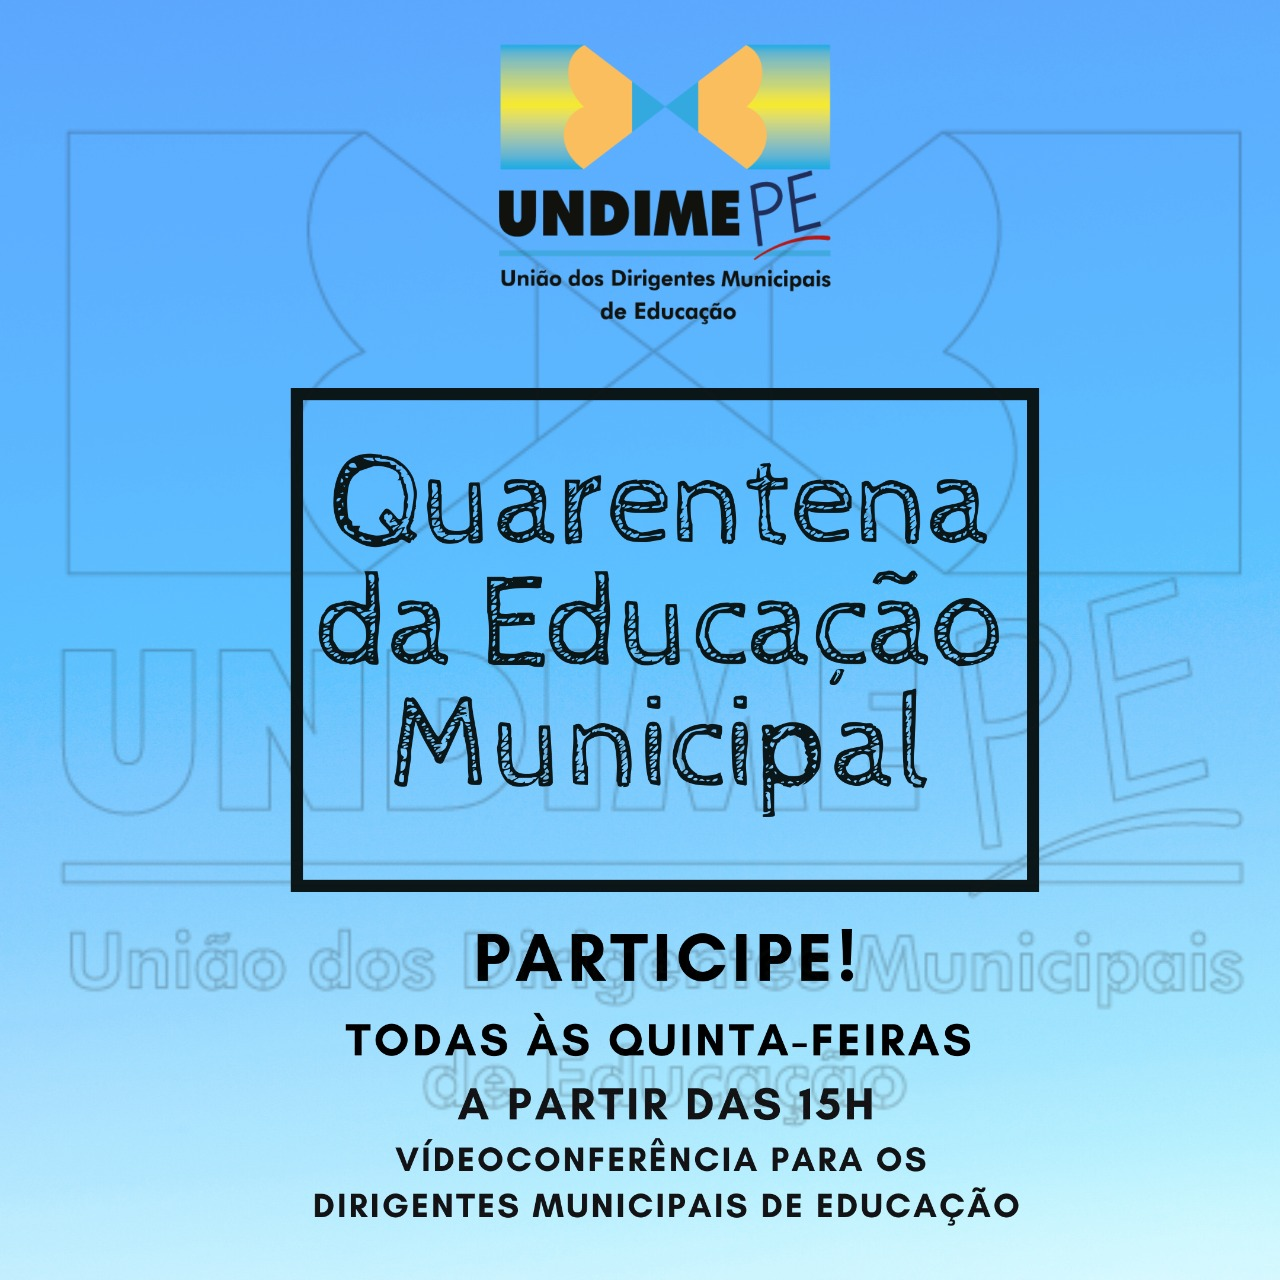 Undime Pernambuco chega a 10ª edição da Quarentena da Educação Municipal